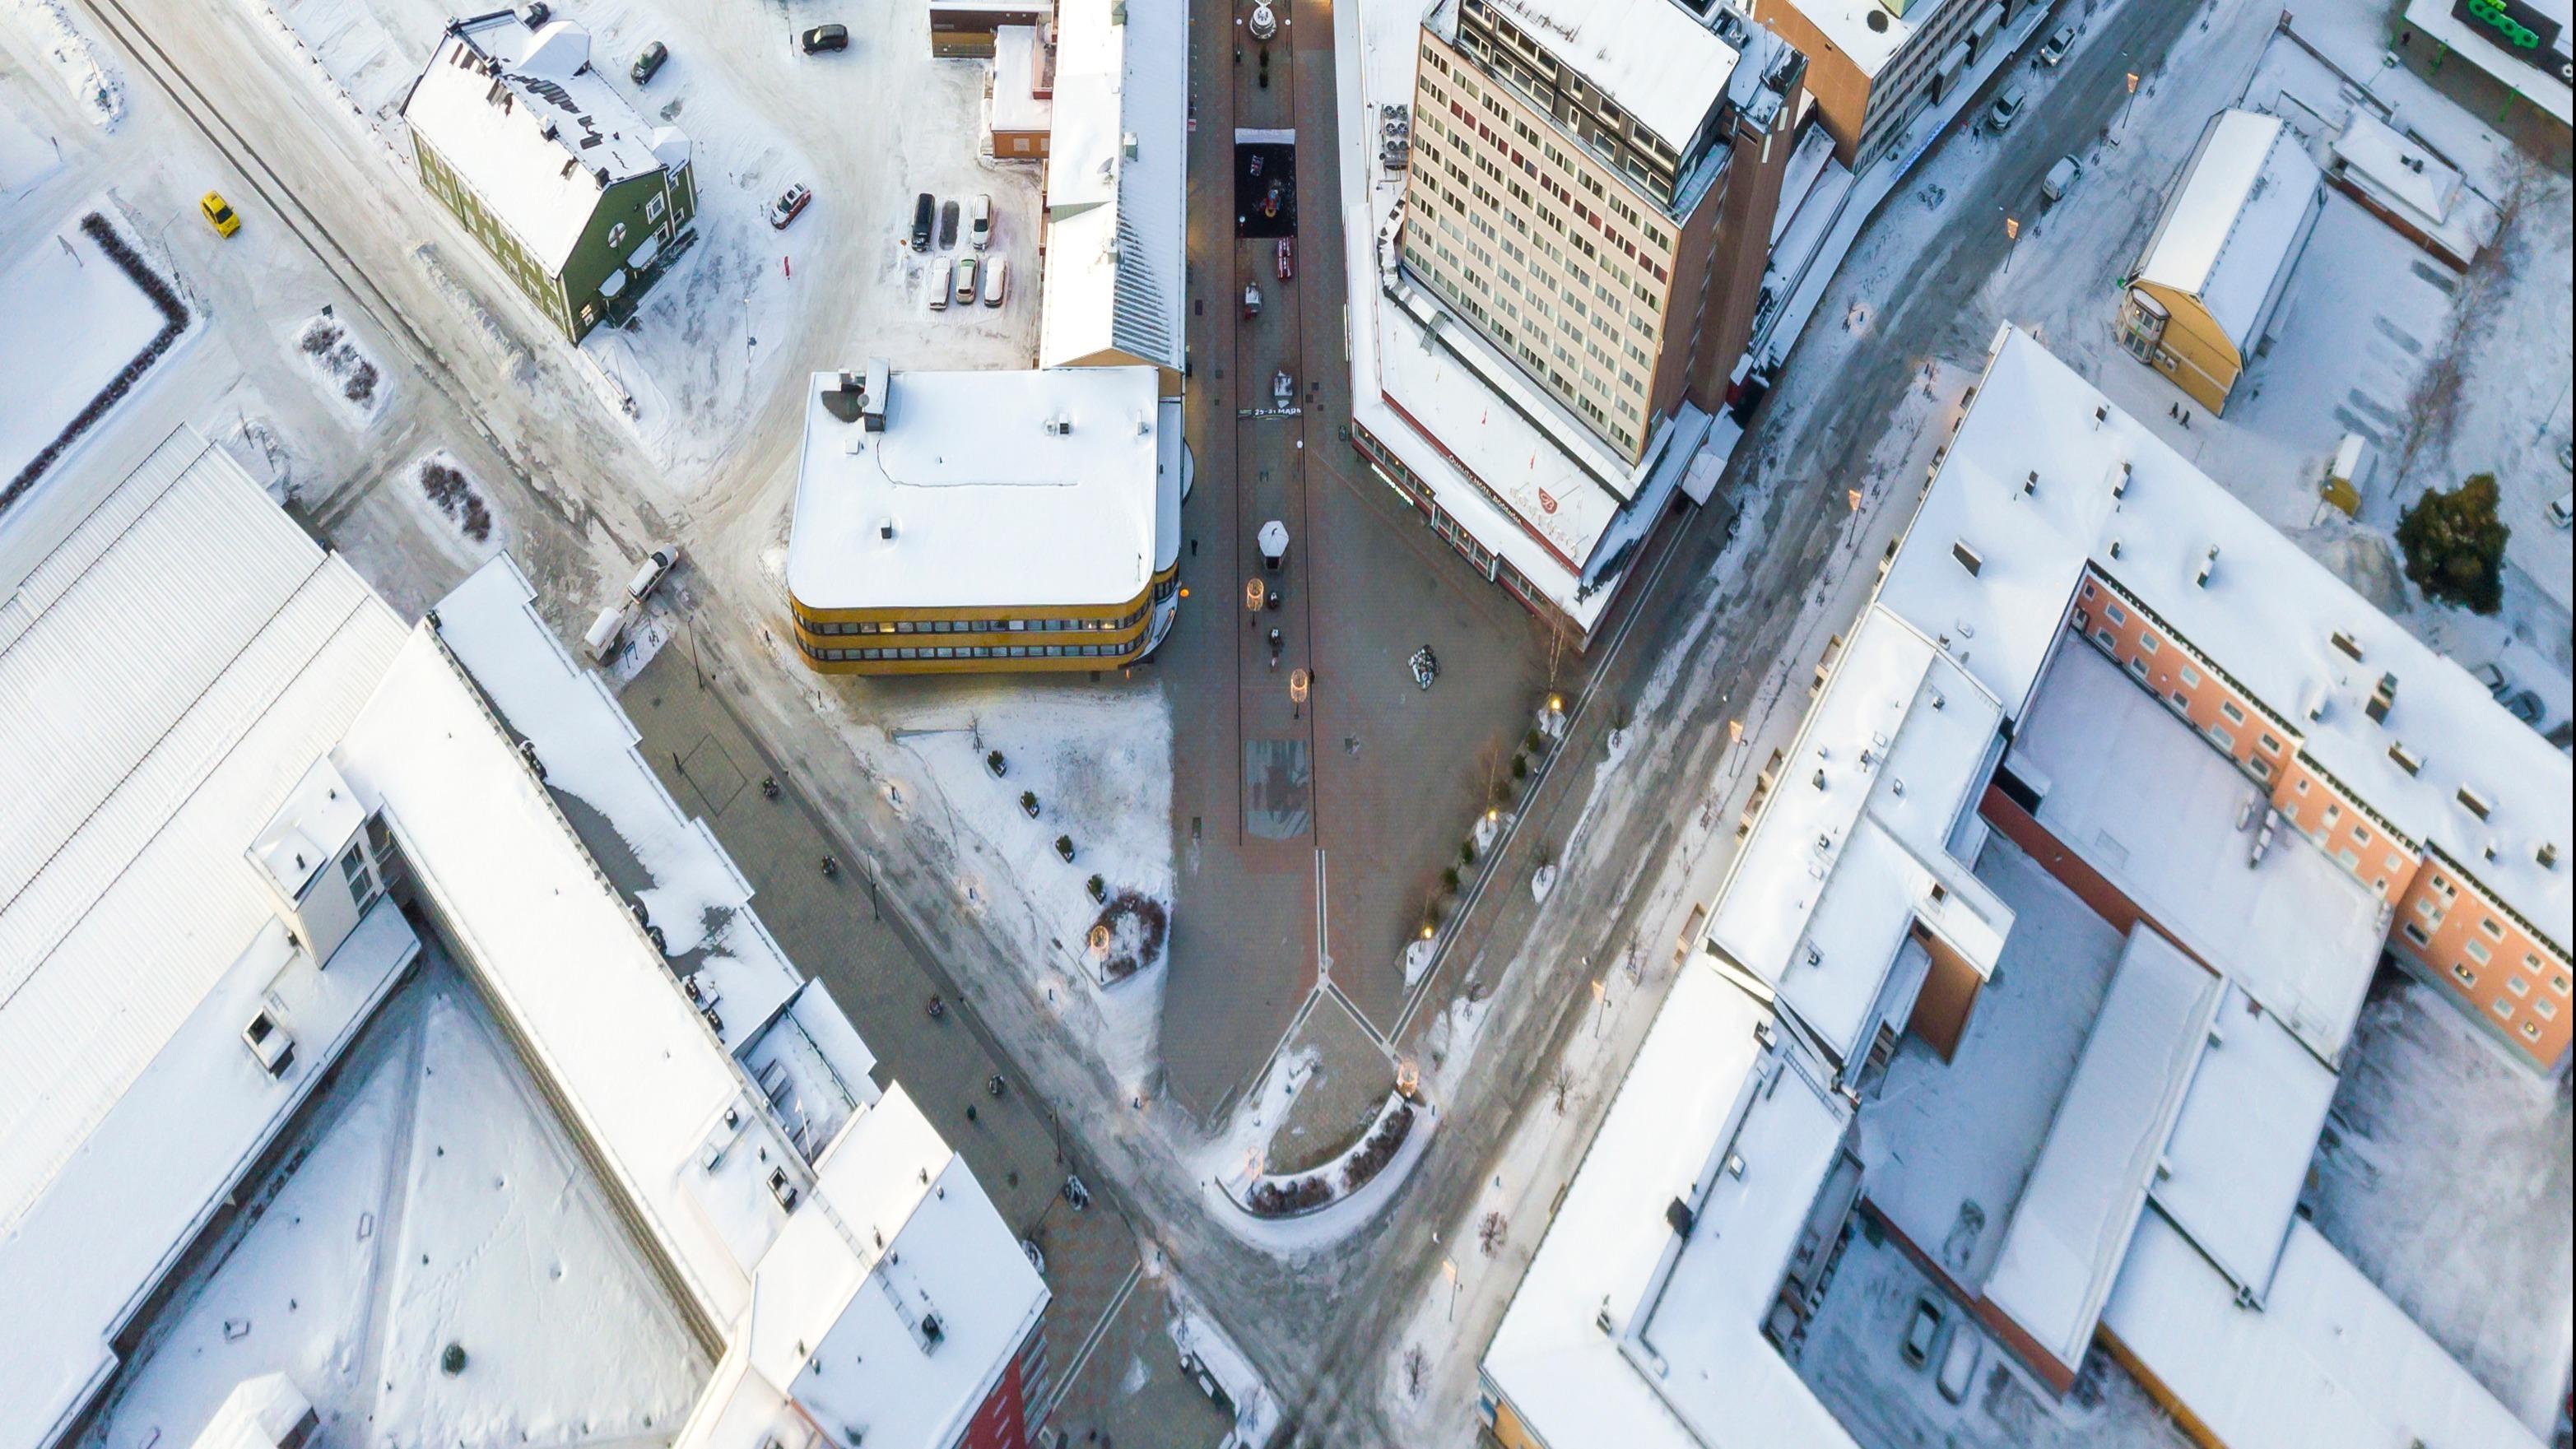 Flygfoto över korsningen mellan kyrkgatan och kungsgatan i Bodens centrum.